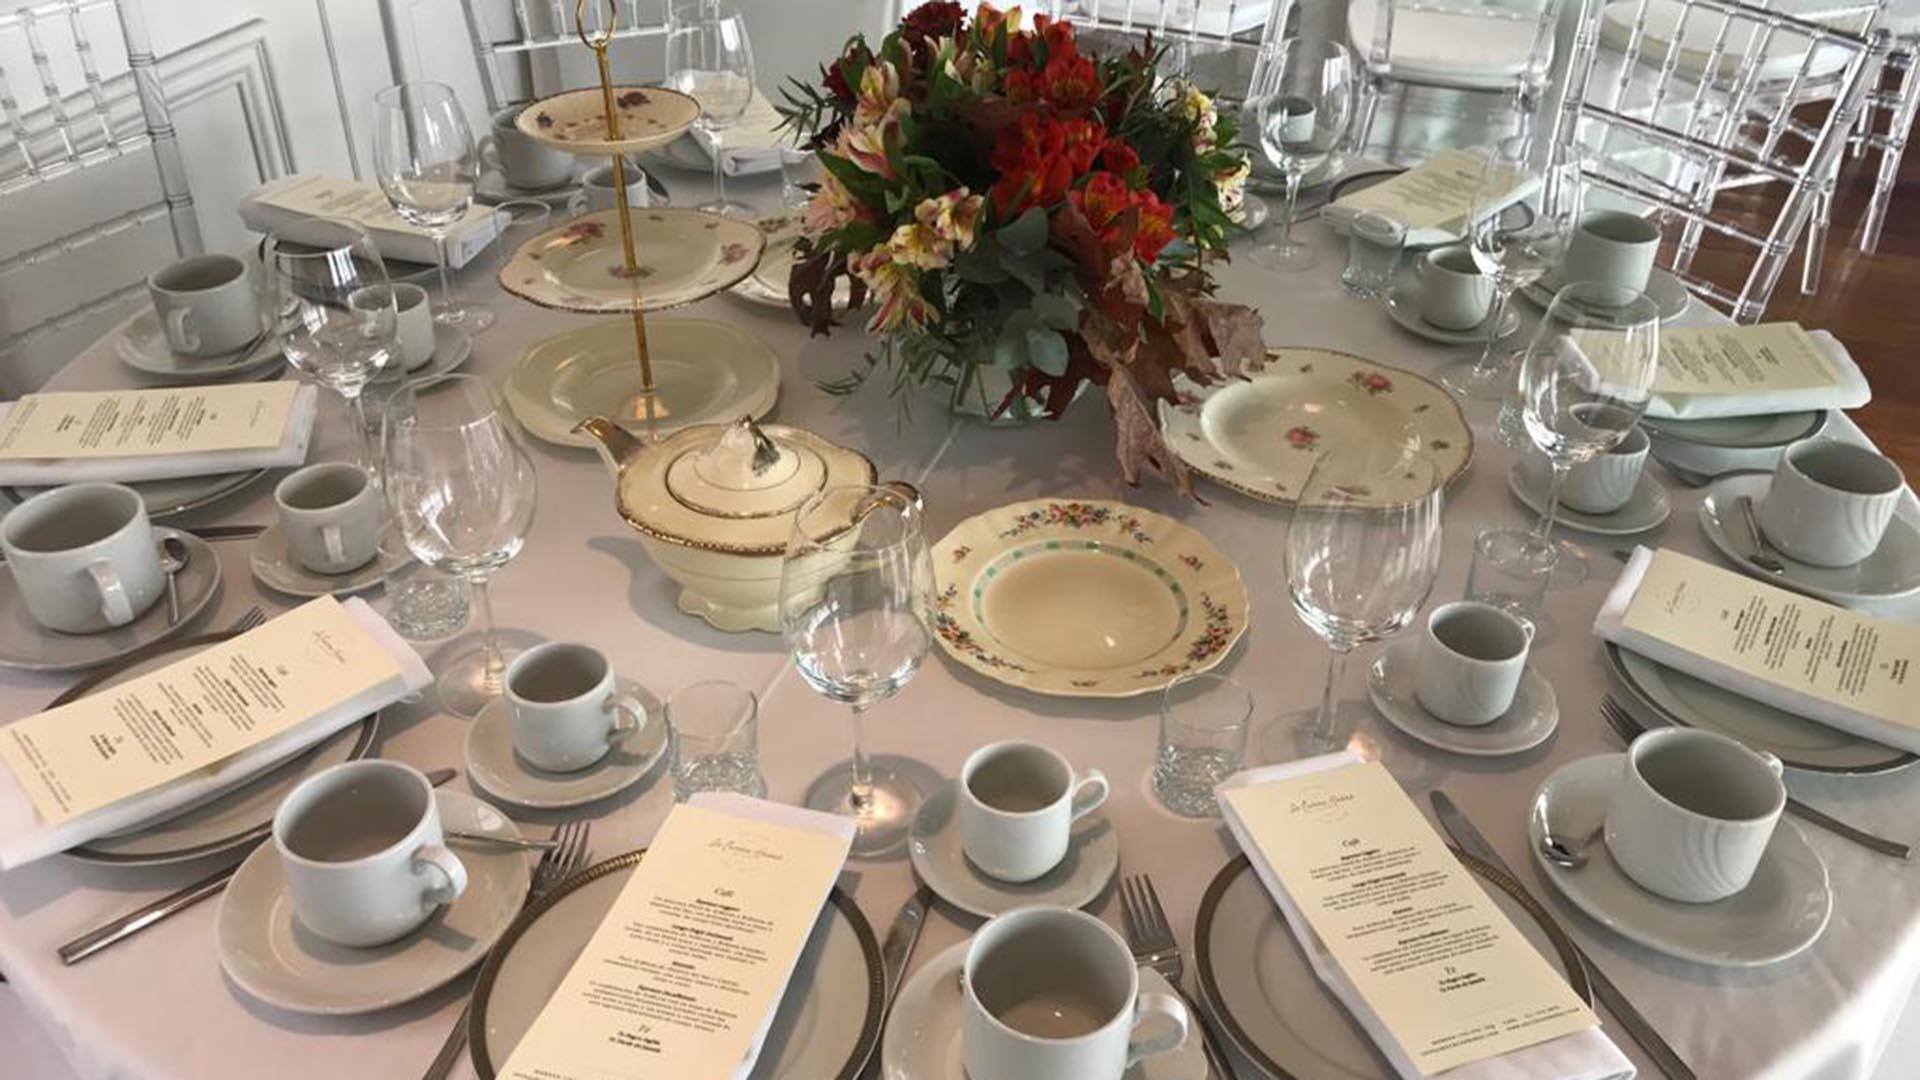 La decoración de las mesas dispuestas para el té